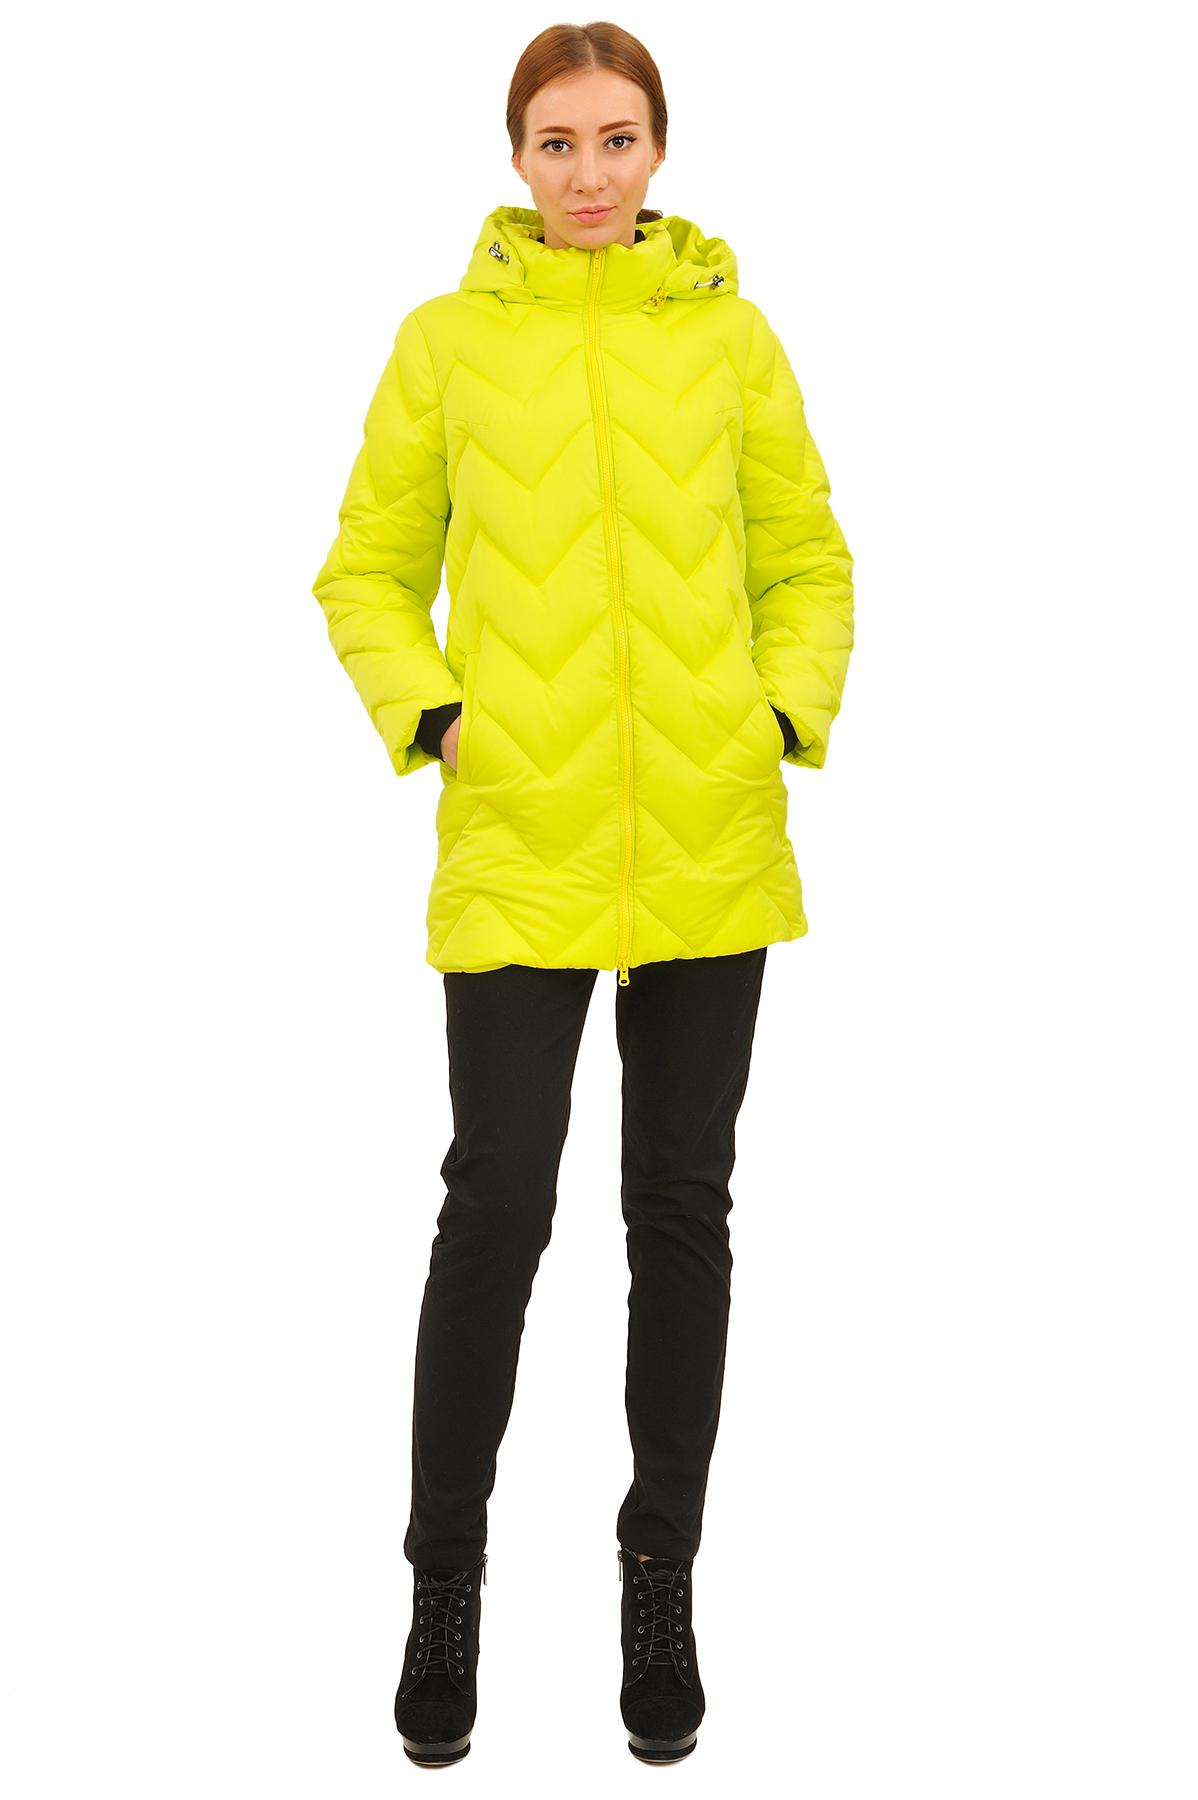 ПуховикЗимние куртки, пальто, пуховики<br>Стильный пуховик с  удобной застежкой на молнию. Утеплитель пуховика выполнен из высококачественного  российского гусиного пуха. Замечательный вабор для ценителей комфорта и  качества.<br><br>Цвет: светло-желтый<br>Состав: 50% хлопок; 50% нейлон утеплитель: синтепух<br>Размер: 44,46,48,50<br>Страна дизайна: Россия<br>Страна производства: Россия